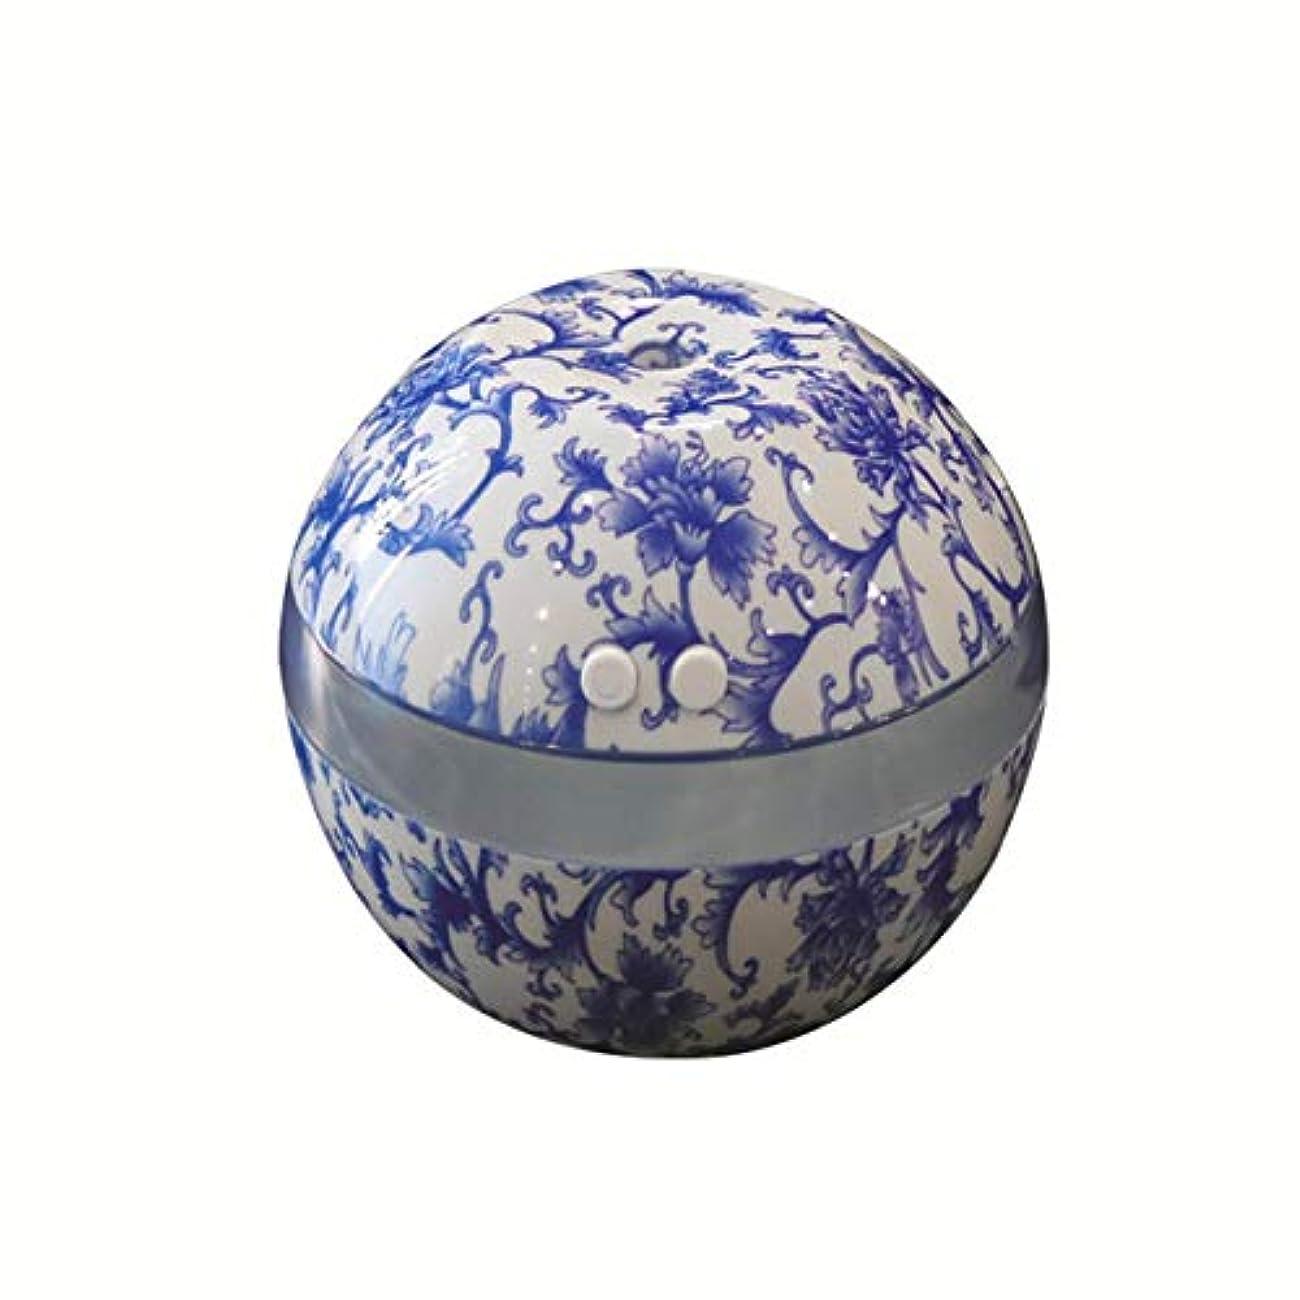 鷲利点木Saikogoods ブルー&ホワイトの磁器ホームオフィスSPAのための超音波加湿空気加湿器アロマエッセンシャルオイルディフューザーアロマセラピー 白青